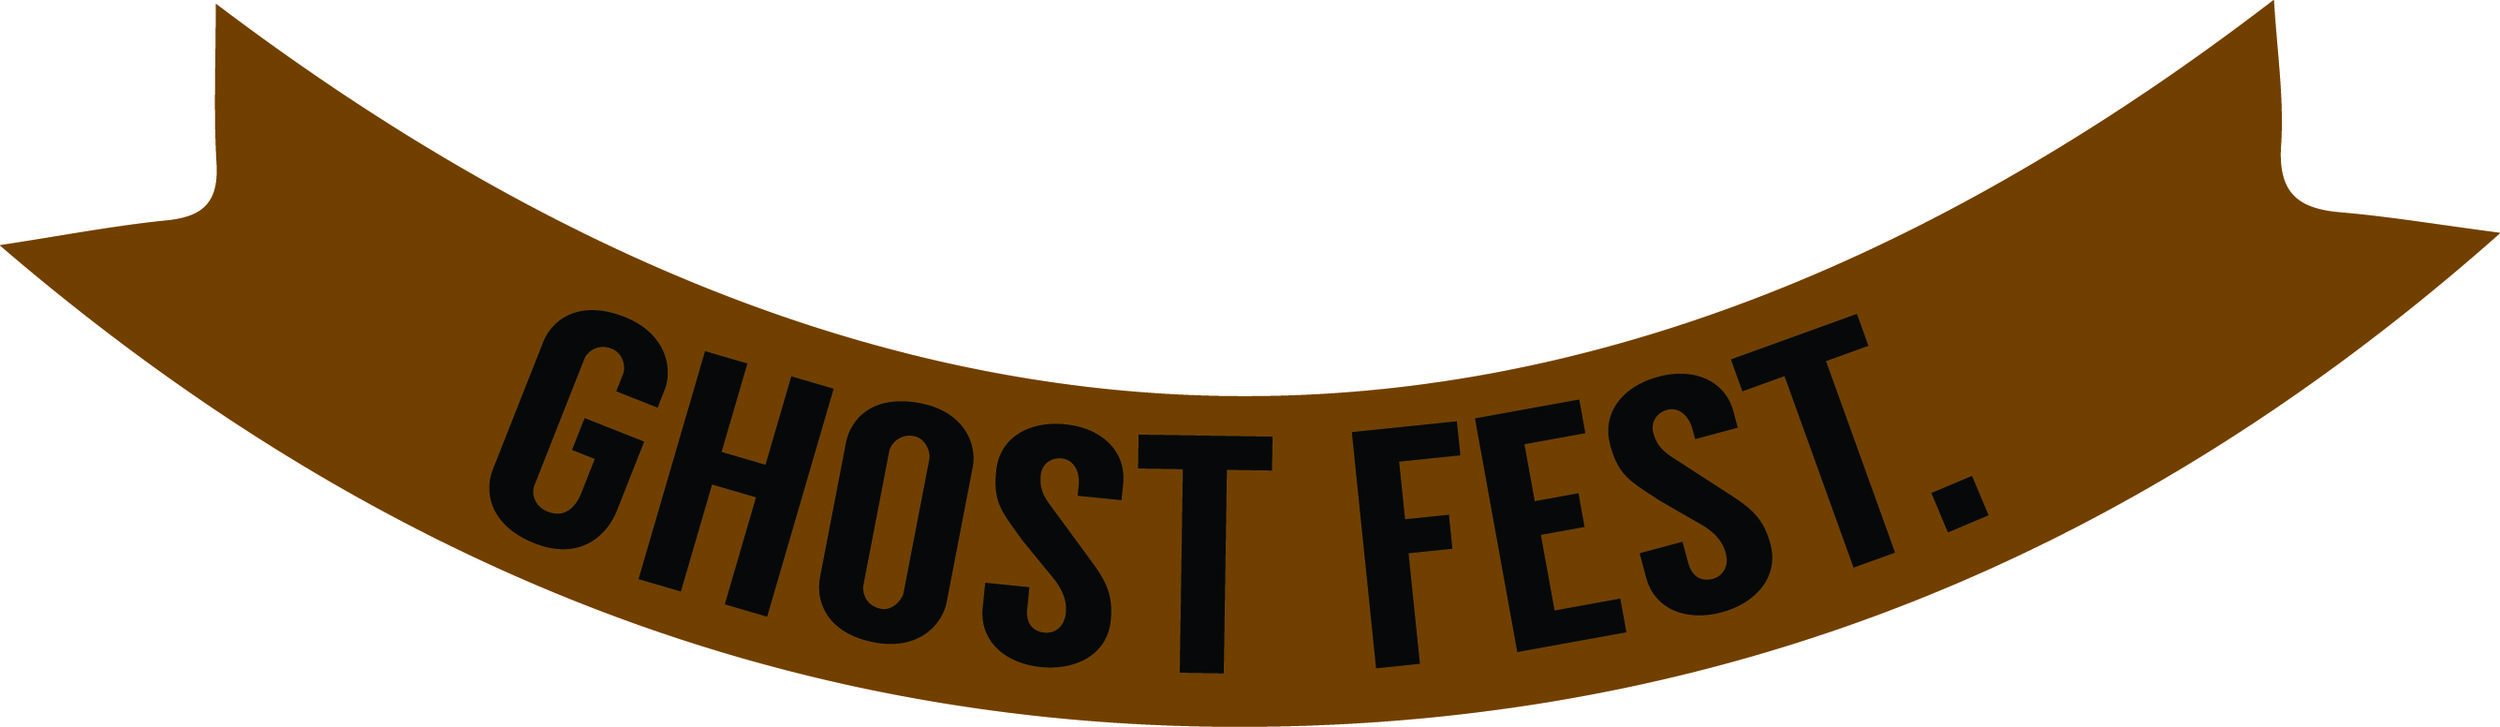 ghostfestpost1